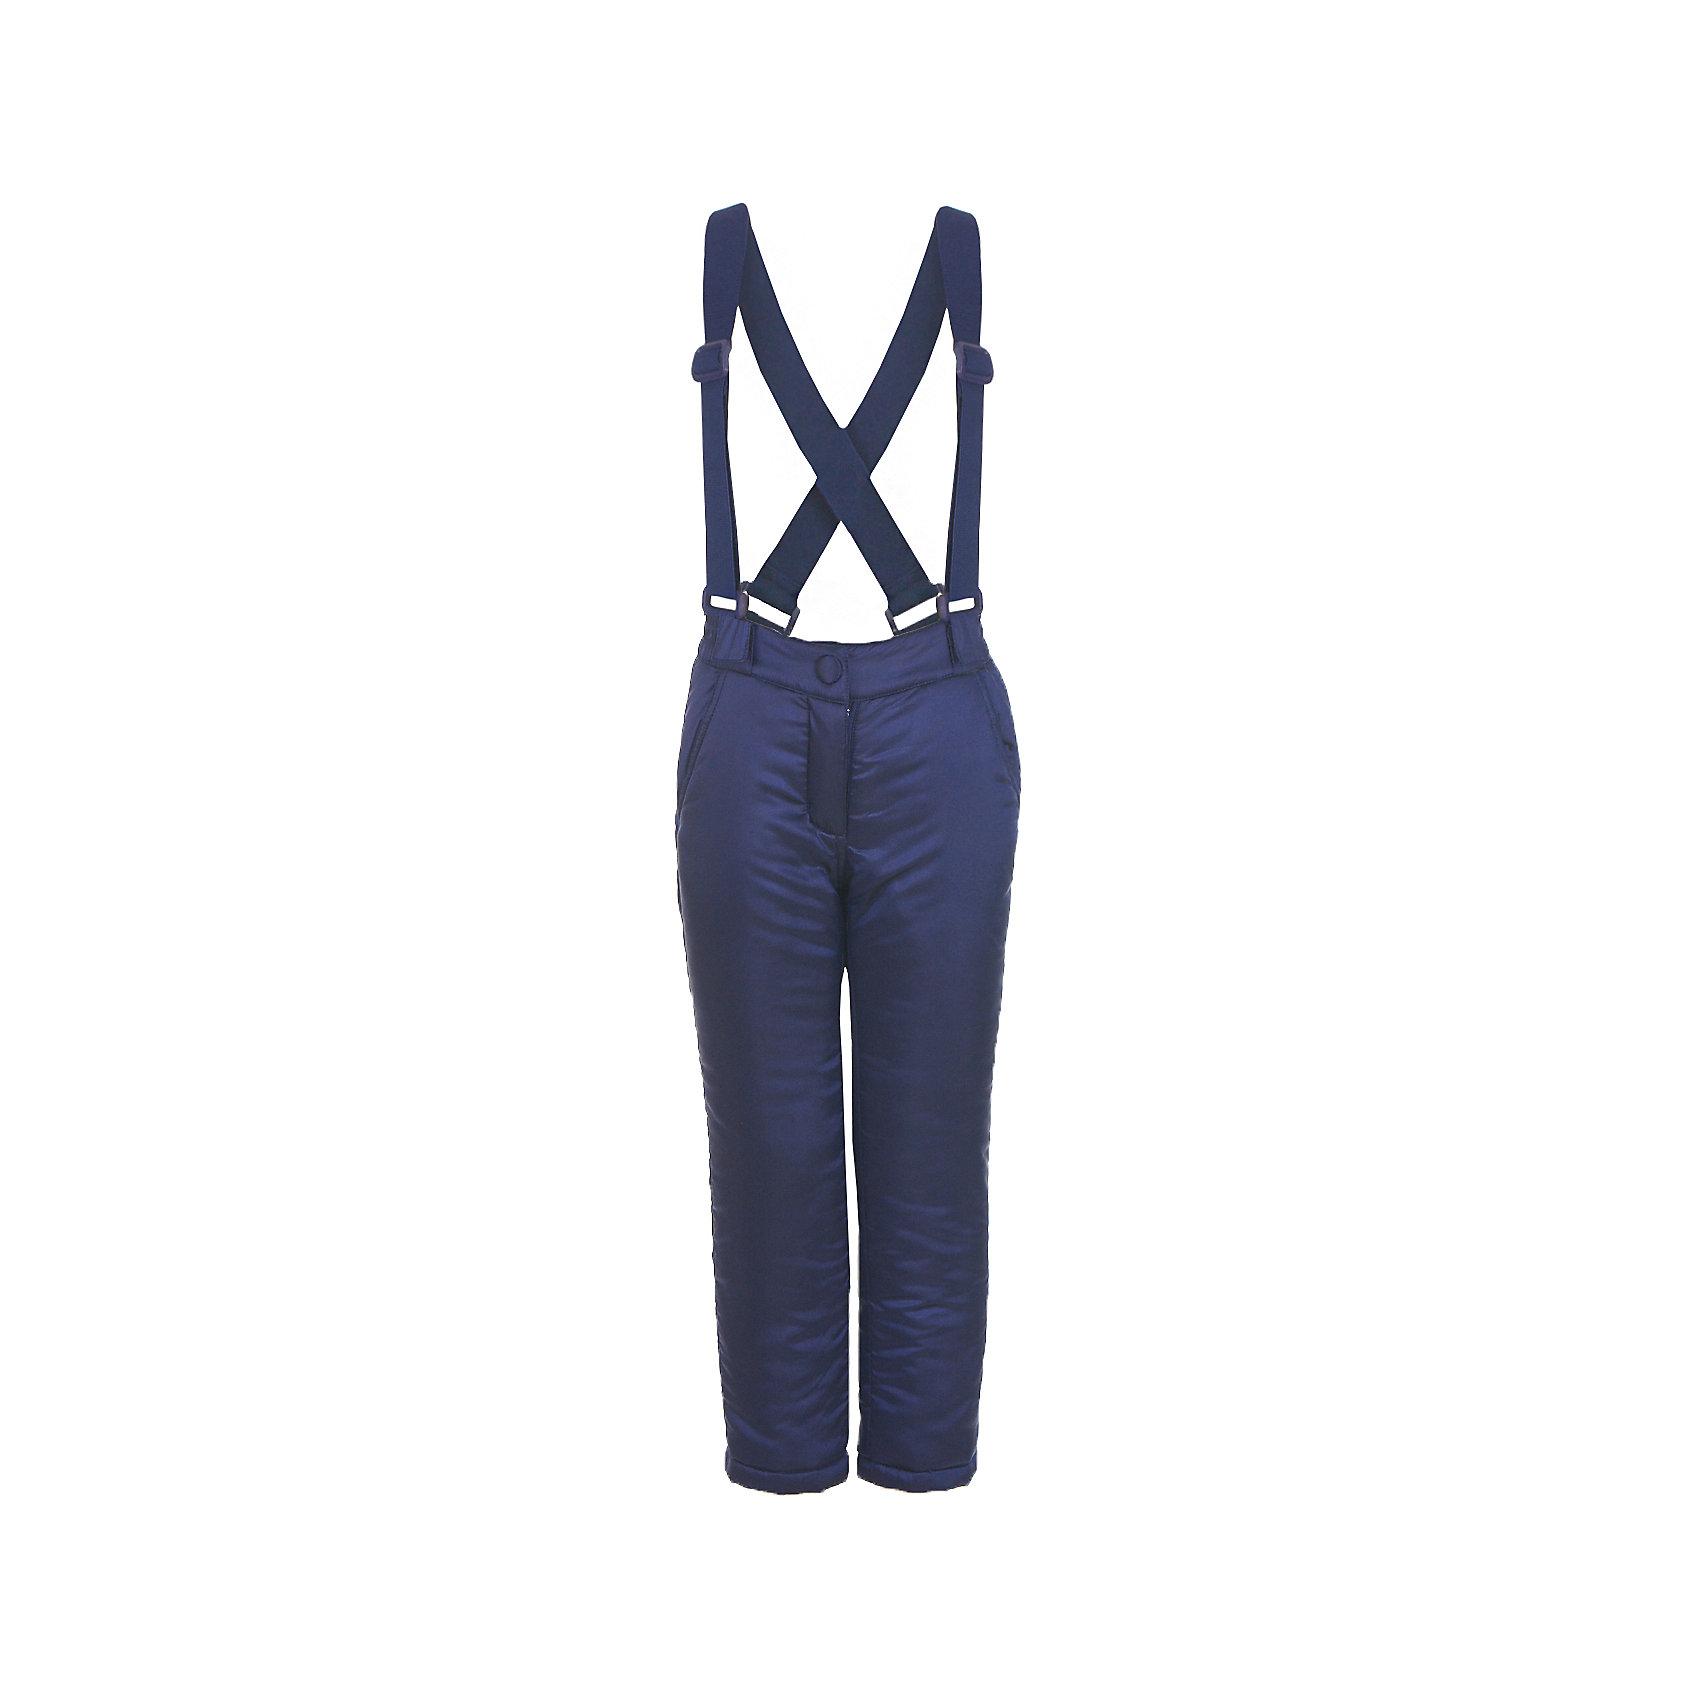 Брюки BUTTON BLUE для девочкиВерхняя одежда<br>Брюки BUTTON BLUE для девочки<br>Плащевые брюки на синтепоне – основа зимнего прогулочного гардероба ребенка. Основная задача этого изделия - сохранение тепла и эти брюки с ней справятся наилучшим образом. Чтобы проводить время на свежем воздухе с пользой и с удовольствием для ребенка, вам стоит купить детские брюки на синтепоне. Простые,  надежные, практичные брюки сделают каждый день ребенка уютным и комфортным.<br>Состав:<br>тк. верха:   55%полиэстер 45% нейлон                         подкл.:  100%полиэстер,                              утепл.:  100%полиэстер<br><br>Ширина мм: 215<br>Глубина мм: 88<br>Высота мм: 191<br>Вес г: 336<br>Цвет: темно-синий<br>Возраст от месяцев: 144<br>Возраст до месяцев: 156<br>Пол: Женский<br>Возраст: Детский<br>Размер: 158,98,104,110,116,122,128,134,140,146,152<br>SKU: 7038025